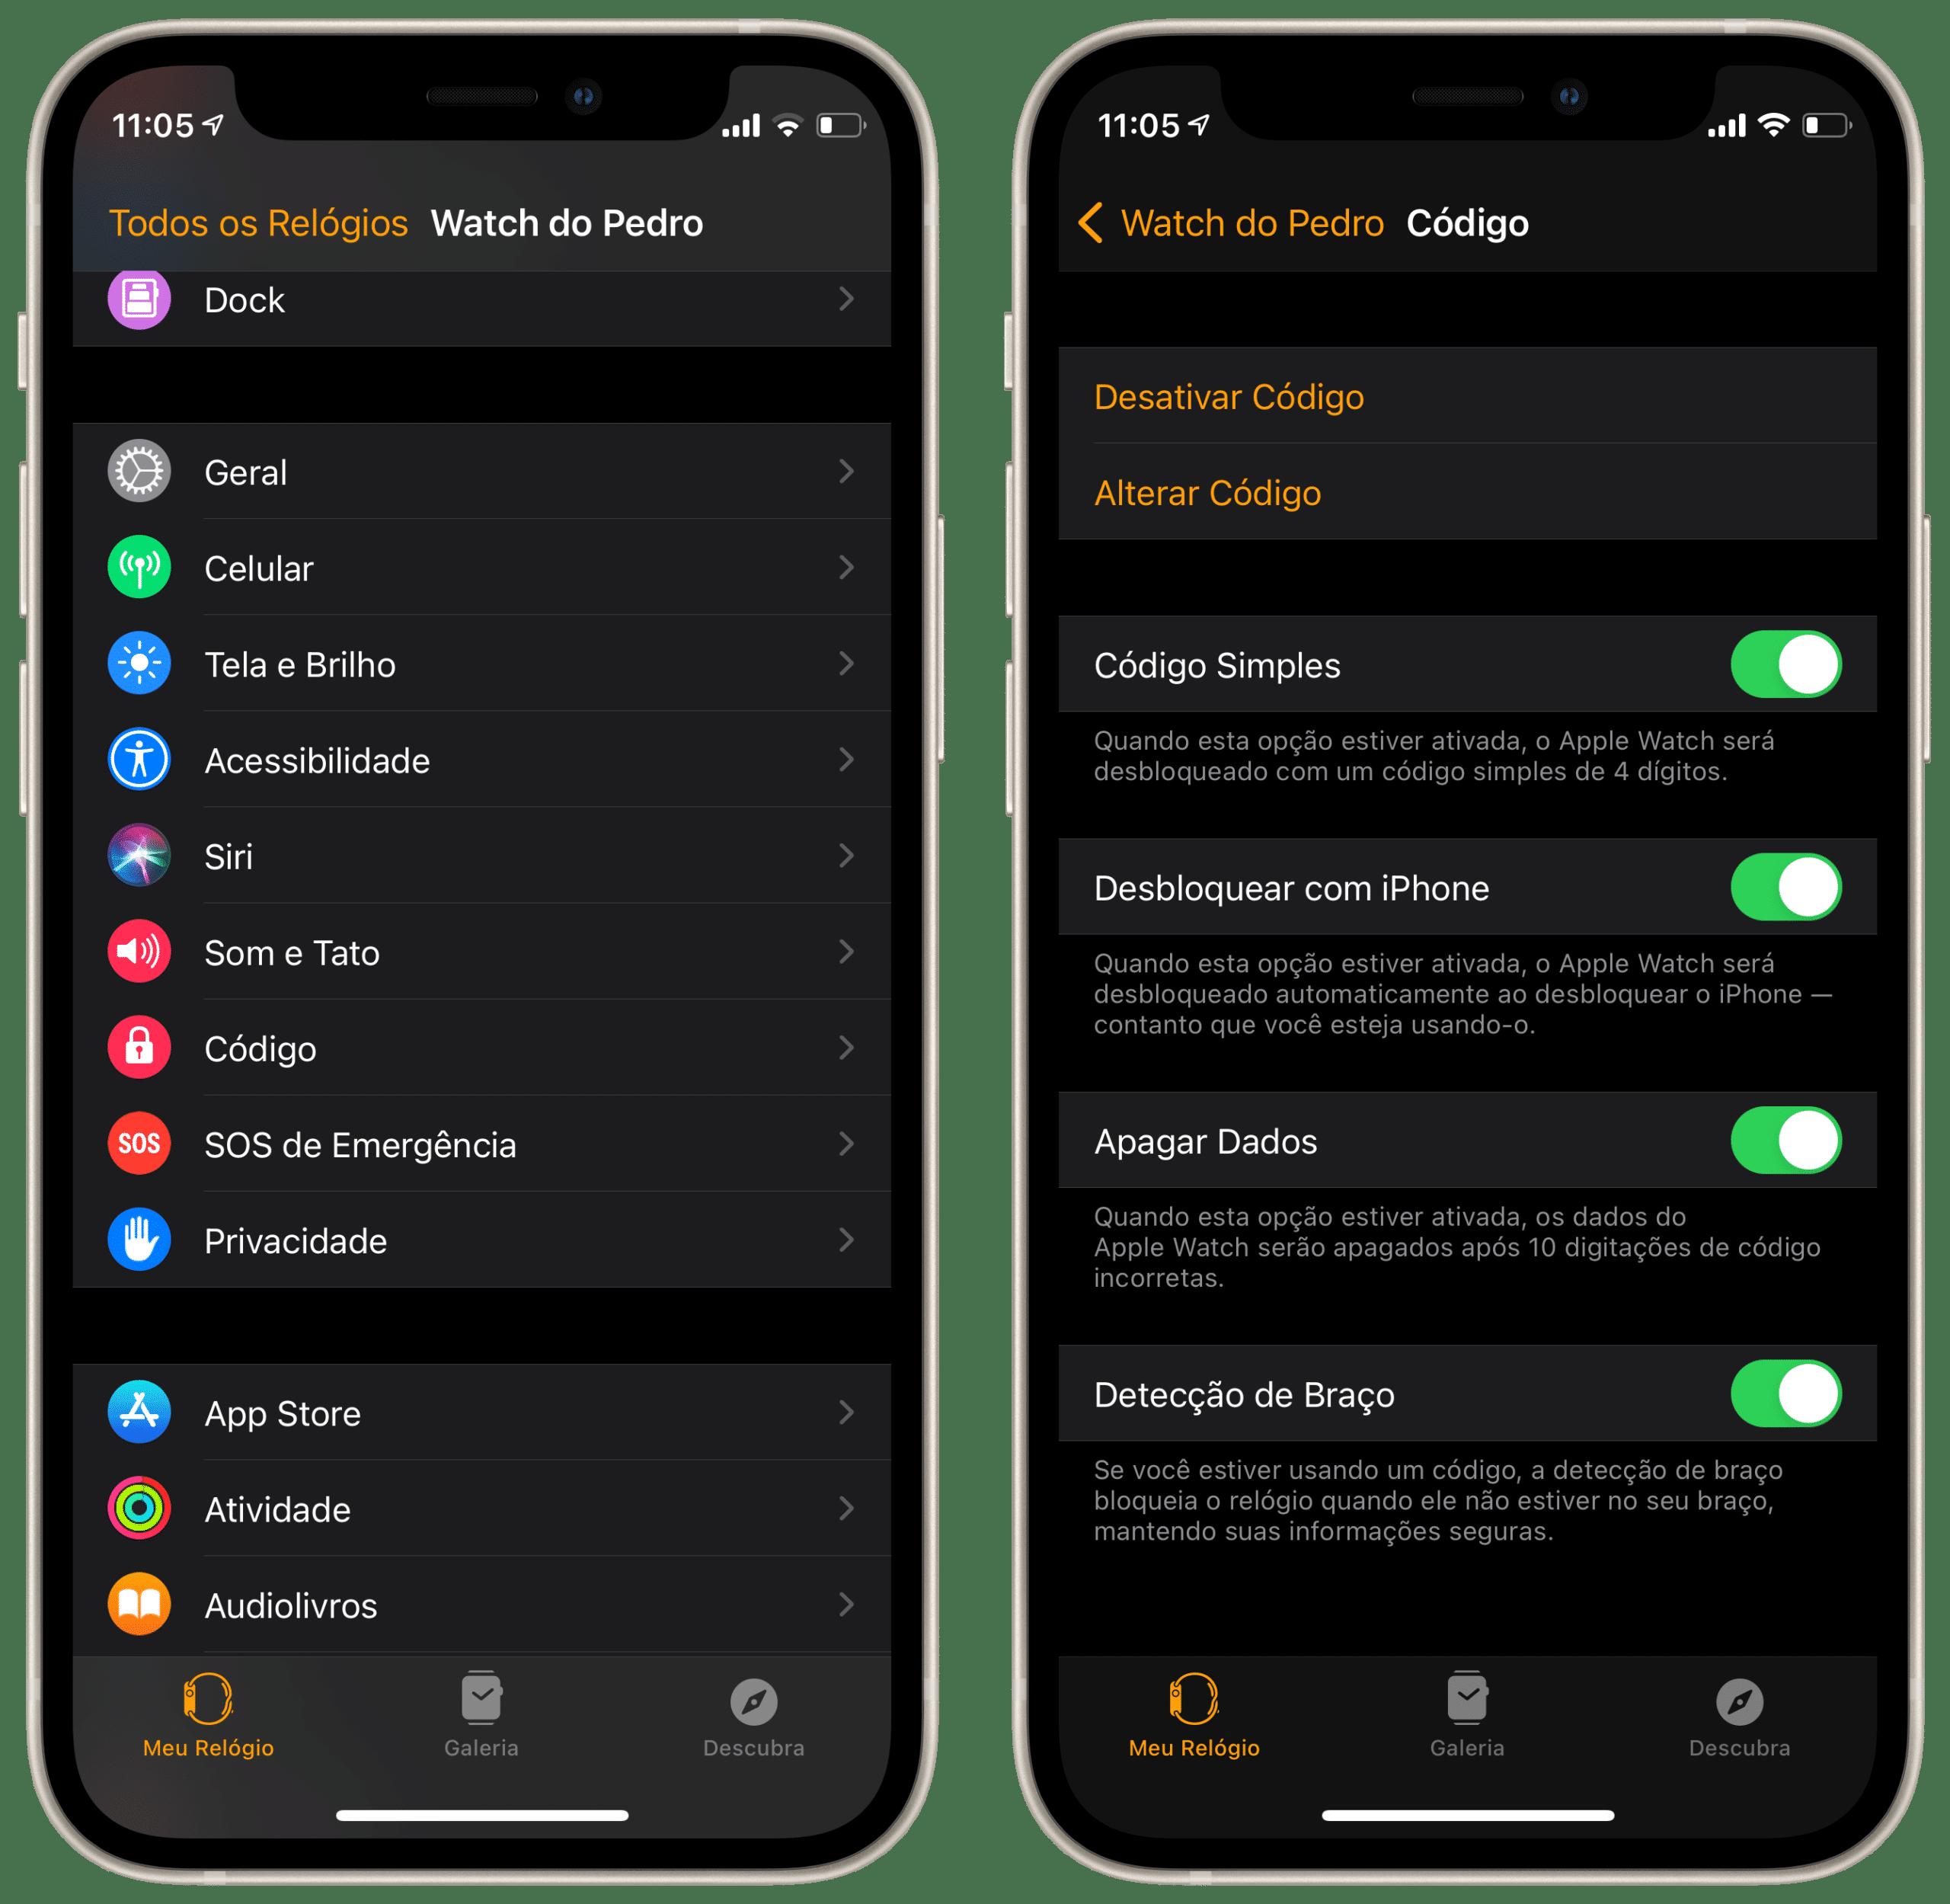 Desbloqueando o Apple Watch com o iPhone